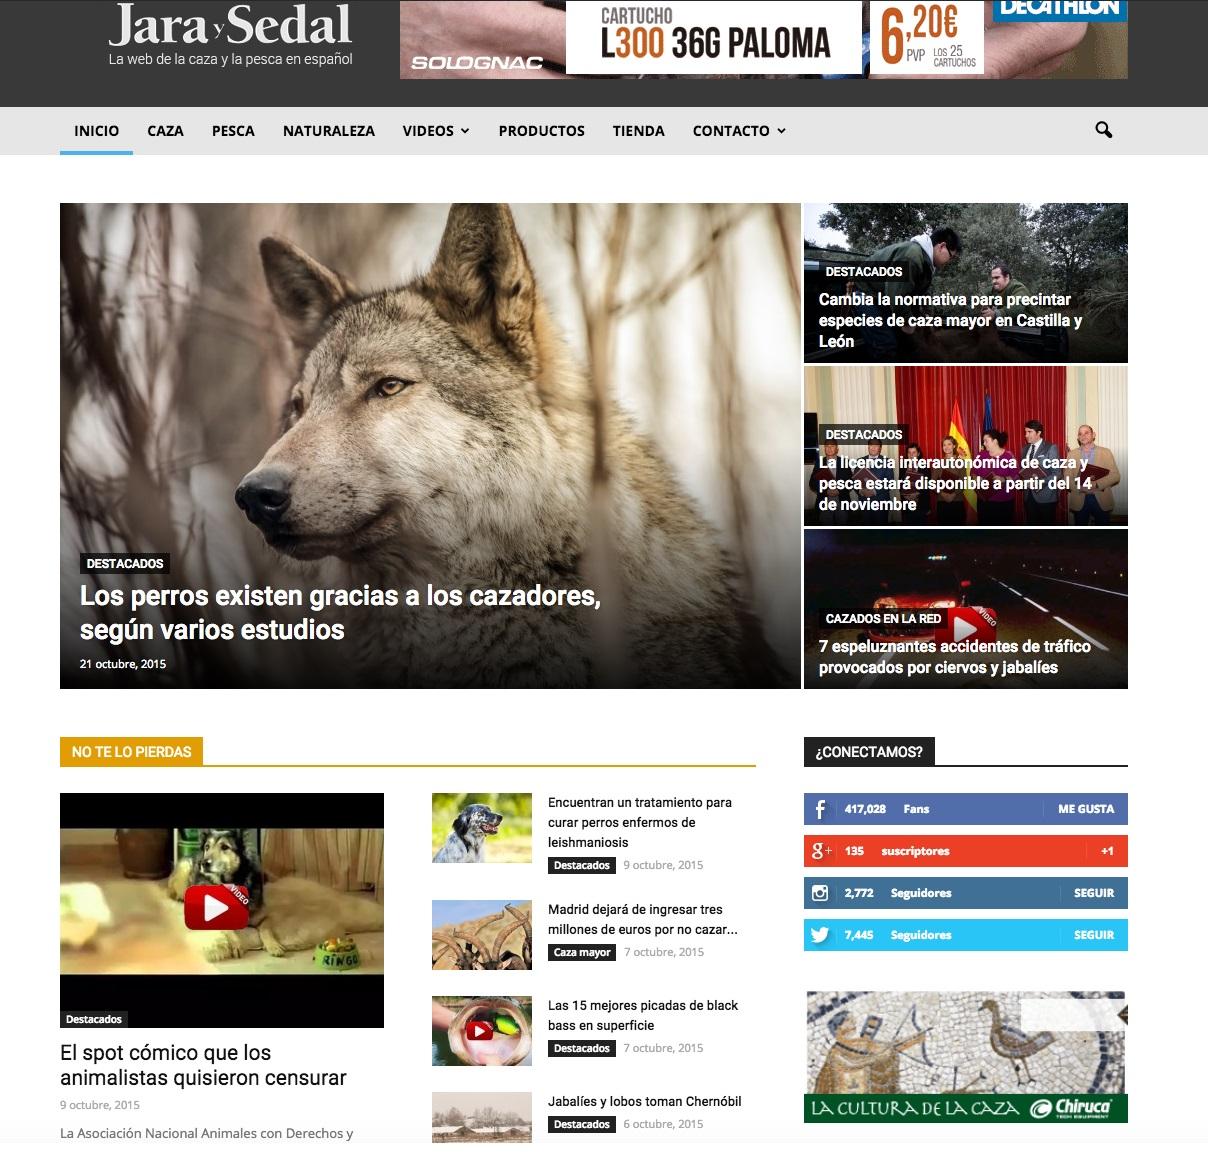 Revistajaraysedal.es se renueva y sortea un rifle Heym para celebrarlo